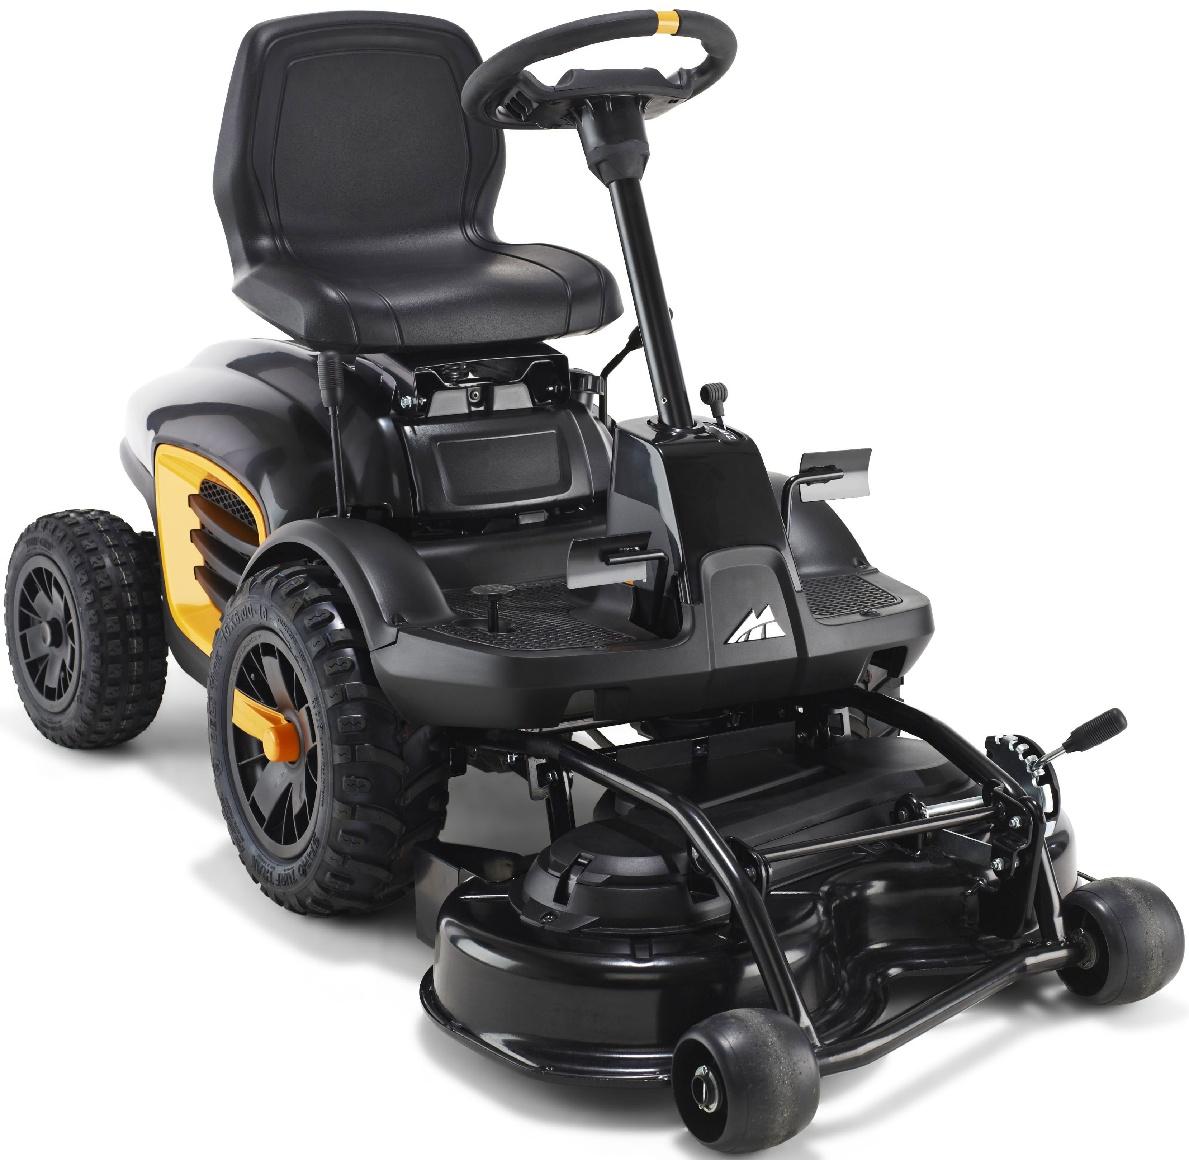 Садовый райдер MccullochРайдеры и садовые тракторы<br>Тип трактора: райдер,<br>Производитель двигателя: BRIGGS&amp;amp;STRATTON,<br>Модель двигателя: PowerBuilt,<br>Мощность: 6500,<br>Мощность (лс): 8.8,<br>Рабочий объем: 344,<br>Количество цилиндров: 1,<br>Напряжение аккумулятора: 12,<br>Емкость аккумулятора: 18,<br>Вид топлива: бензин,<br>Бак: 3.3,<br>Тип смазки: впрыск,<br>Тип трансмиссии: гидростатическая,<br>Трансмиссия: с педальным управлением,<br>Макс. скорость вперед: 7.5,<br>Макс. скорость назад: 7.5,<br>Задний ход: есть,<br>Ширина обработки: 850,<br>Диаметр необработанного круга: 1250,<br>Материал режущей деки: сталь,<br>Режимы стрижки: мульчирование,выброс травы назад,<br>Макс. высота среза: 70,<br>Мин. высота среза: 25,<br>Регулировка высоты: пошаговая,<br>Муфта включения ножа: механическая,<br>Количество ножей: 2,<br>Высота спинки сиденья: средняя,<br>Материал сиденья: винил,<br>Размер передних шин: 160/60-10,<br>Размер задних шин: 130/50-8,<br>Колесная база: 31.5,<br>Длина (мм): 1960,<br>Ширина: 890,<br>Высота: 1070,<br>Вес нетто: 190,<br>Звуковое давление воздуха: 84,<br>Вибрации на рулевом колесе: 4.3,<br>Вибрации на сиденье: 1.3<br>